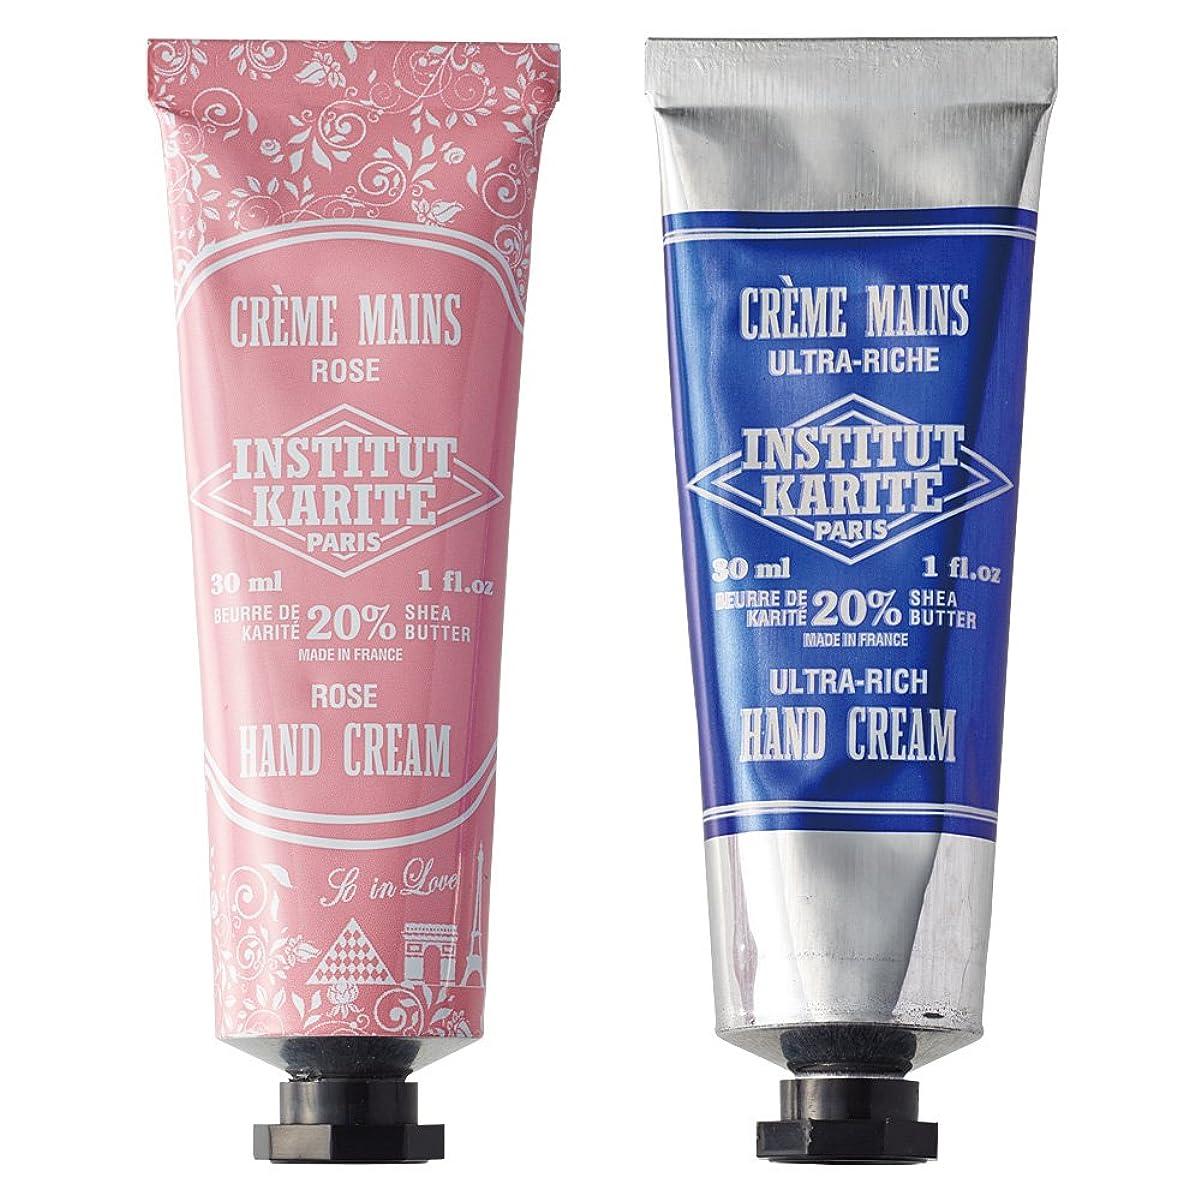 空白トライアスリート報酬のフランスお土産 INSTITUT KARITE ハンドクリーム 2種セット